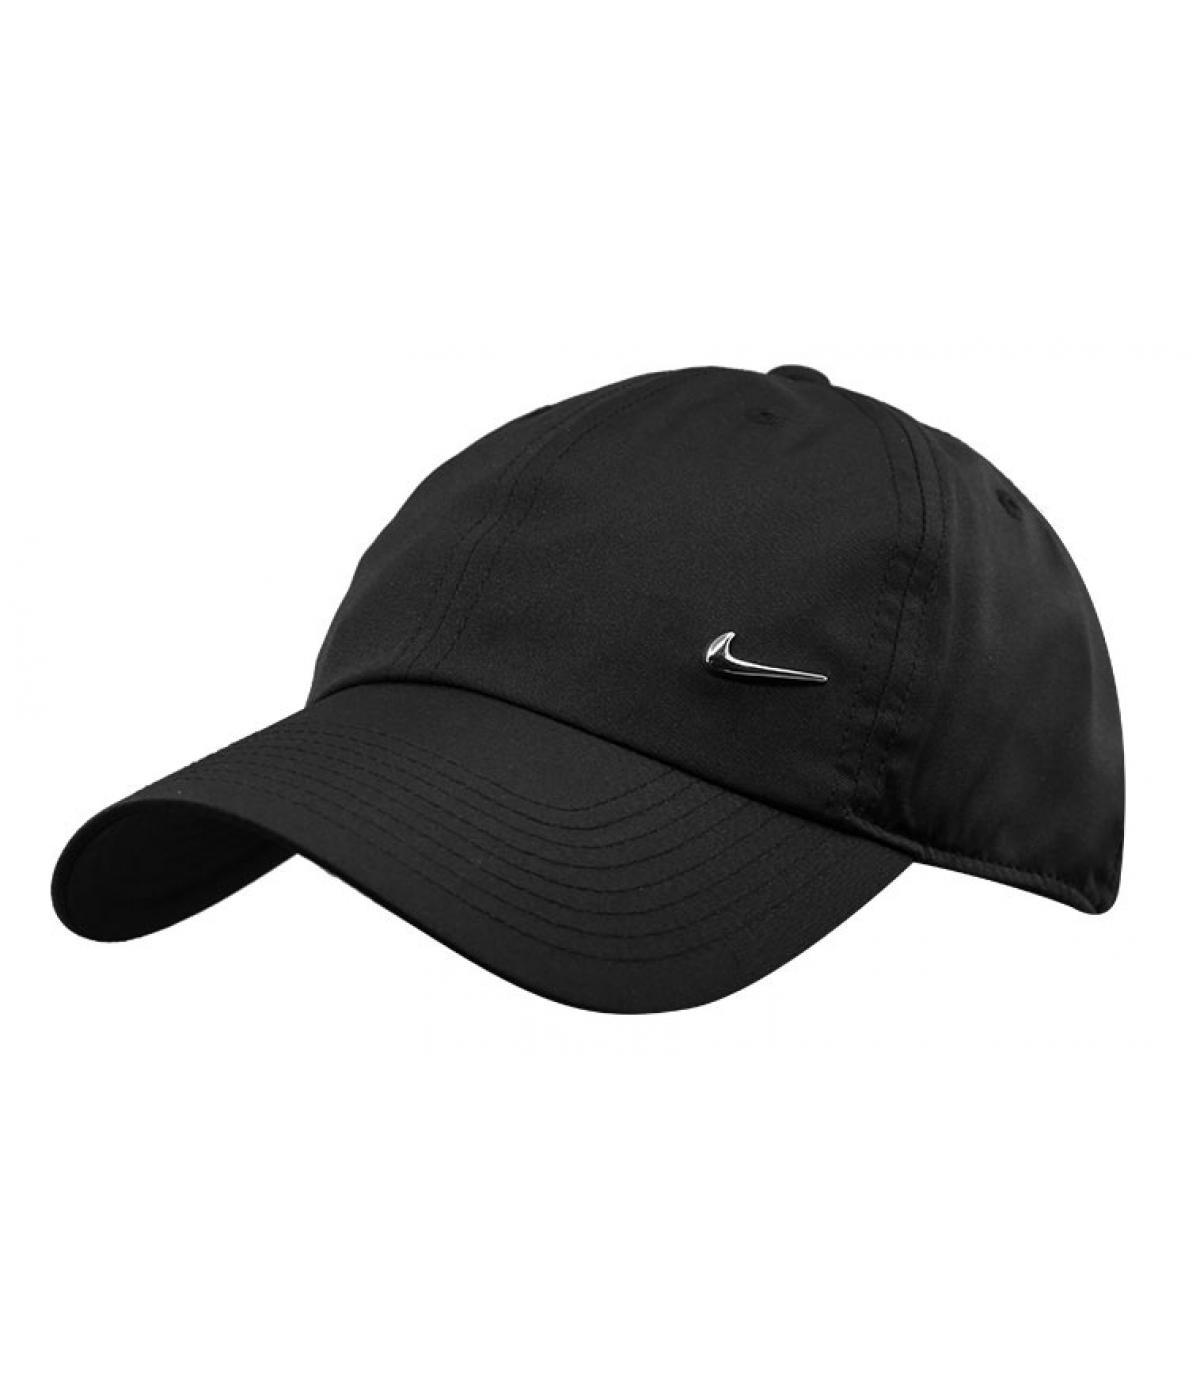 gorra Nike negro